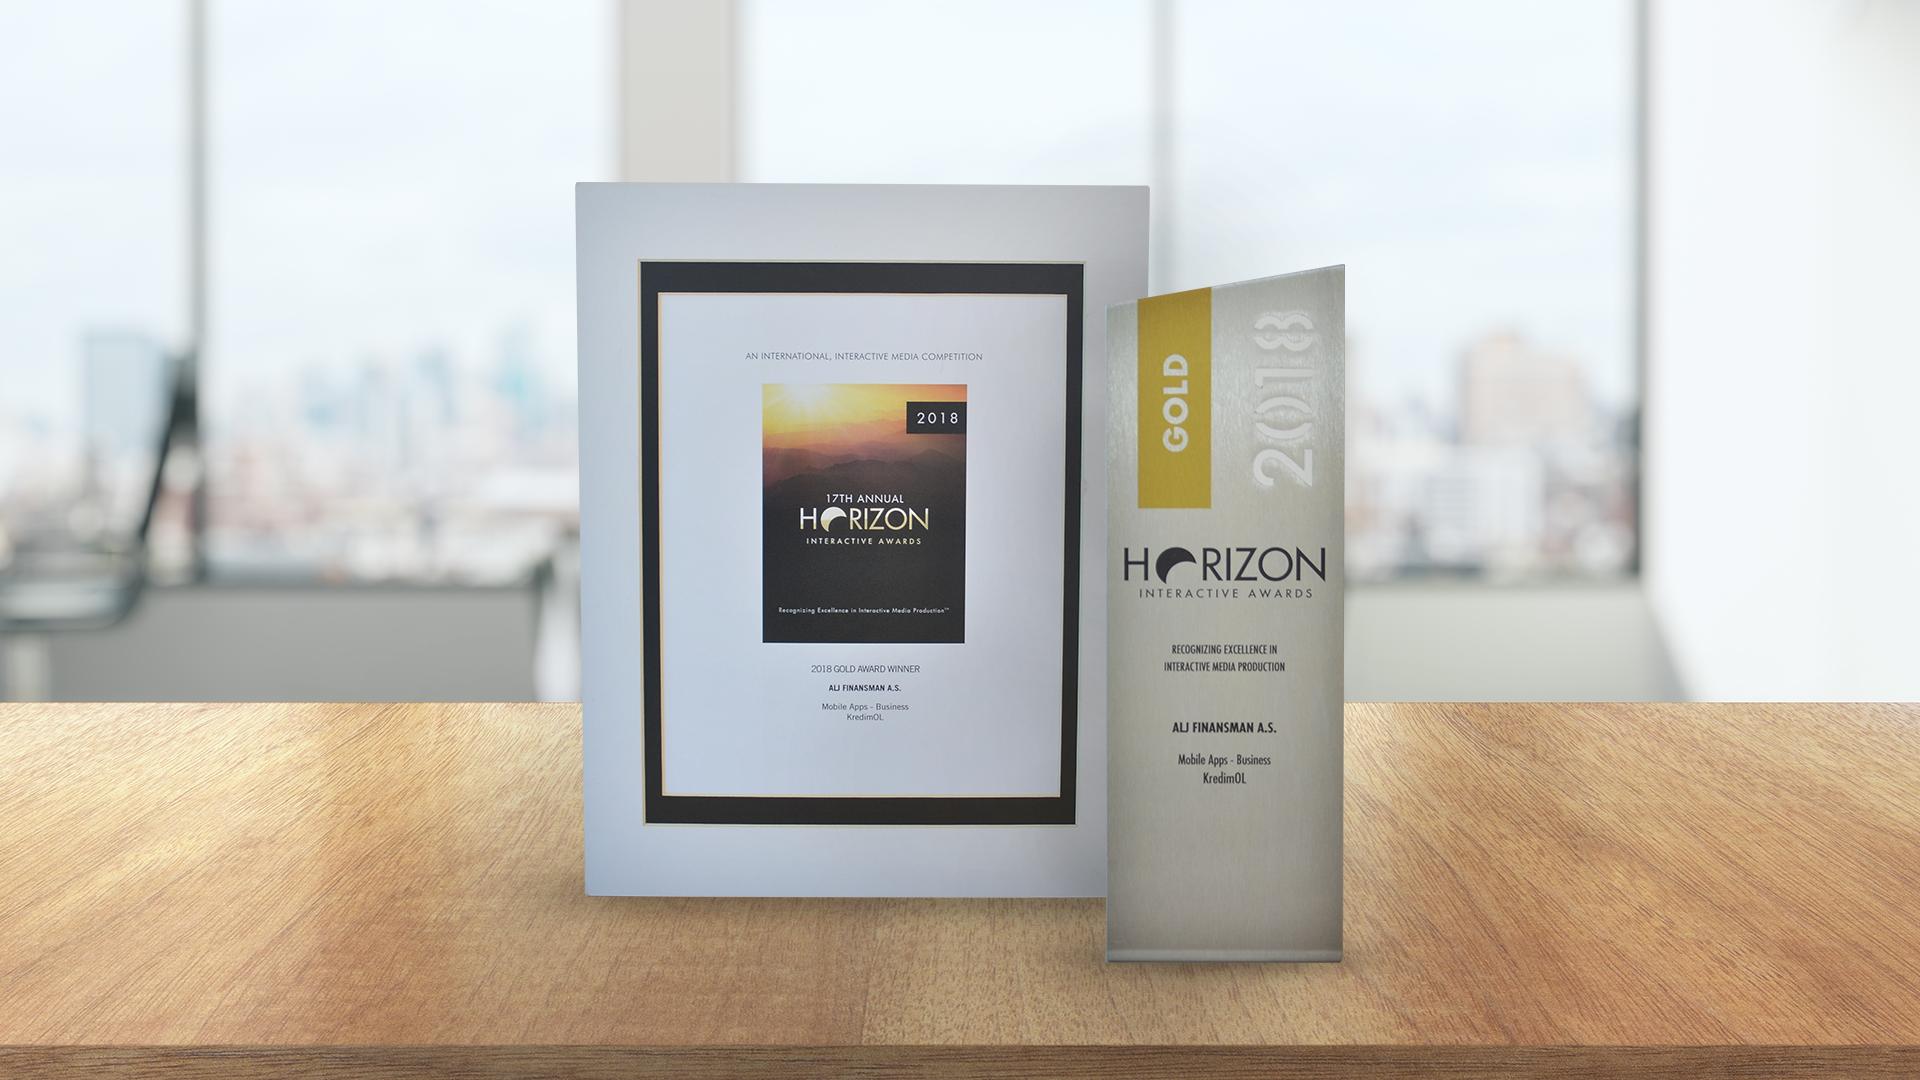 ALJ Finans wins Gold international interactive media award for KredimOL mobile App